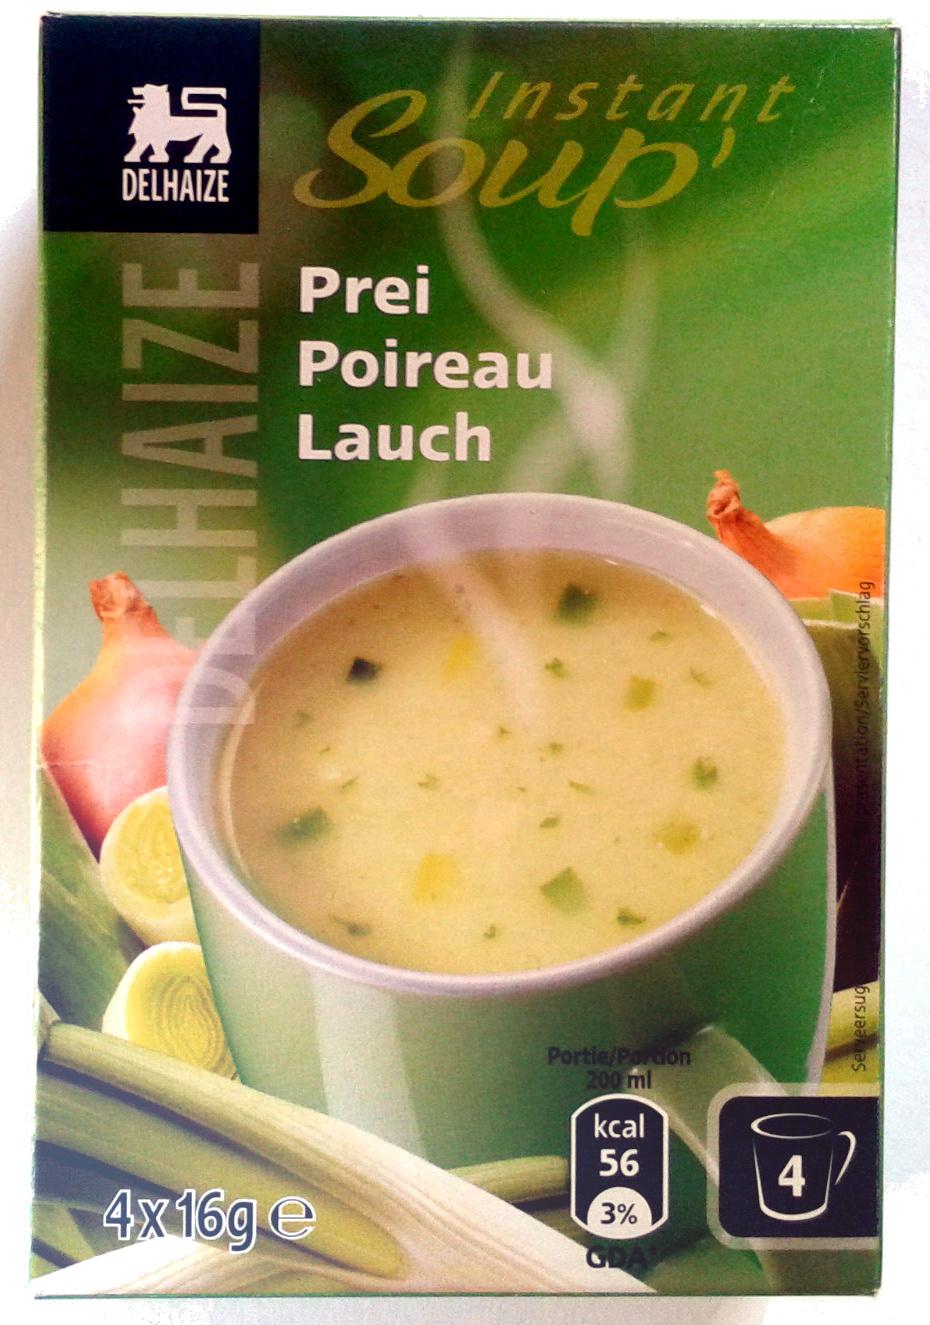 Instant soup' poireau - Product